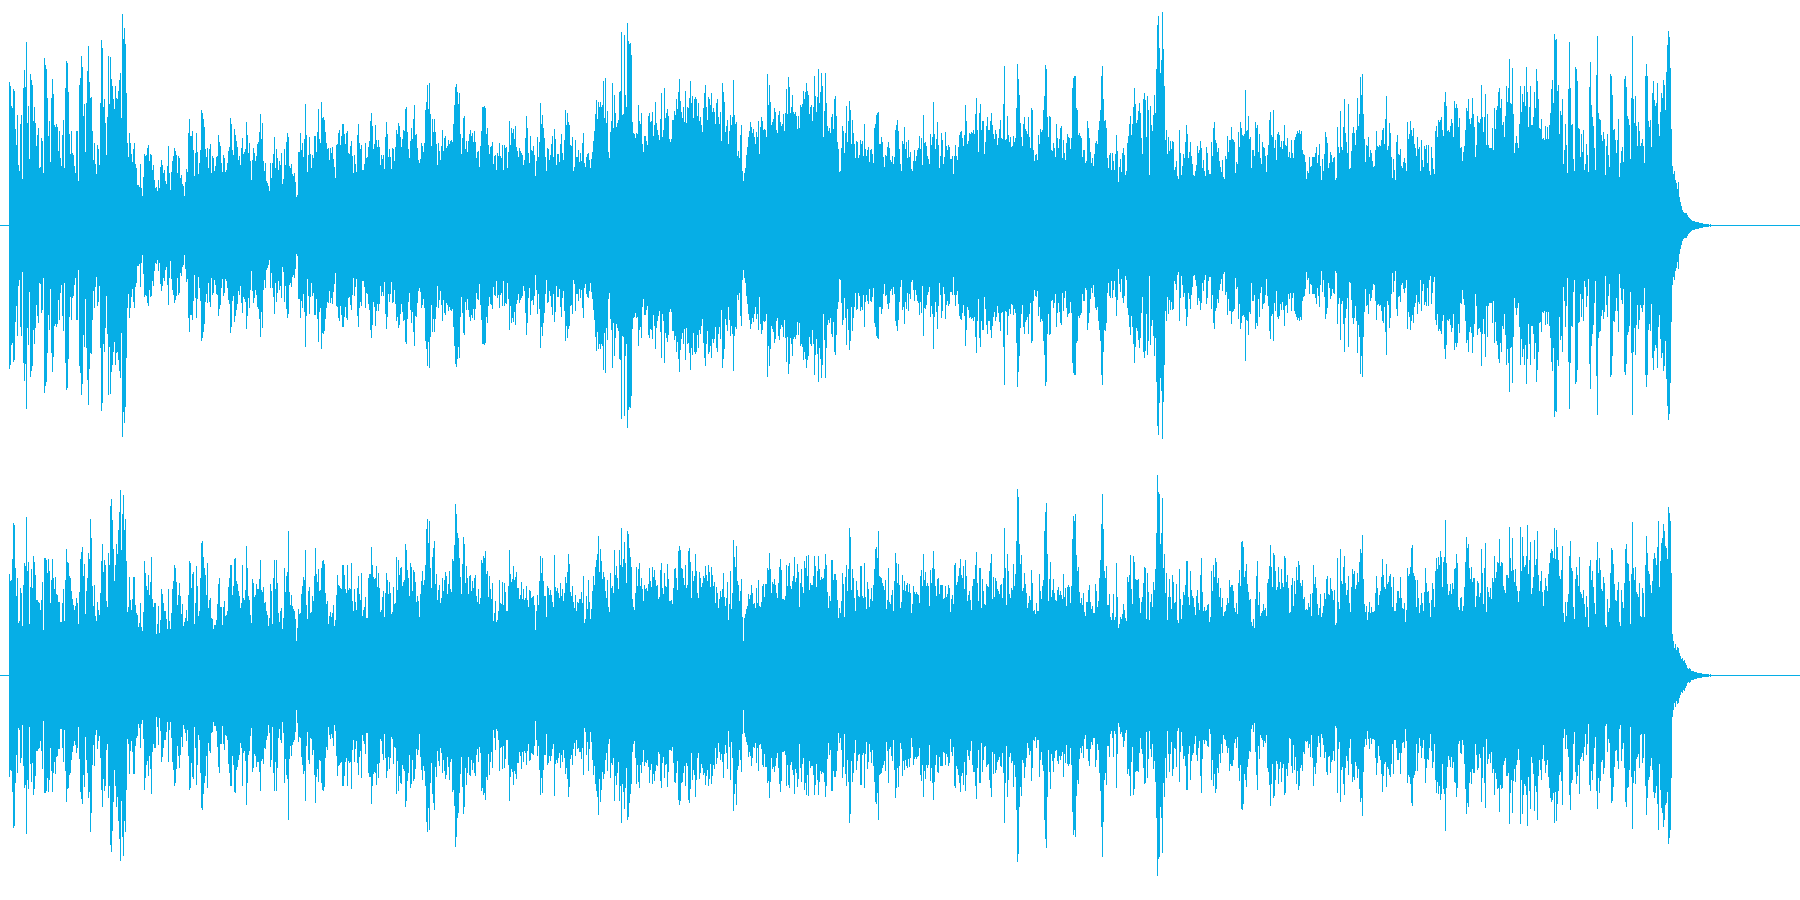 雄大さを想像させるスカイ・ハイなサウンドの再生済みの波形